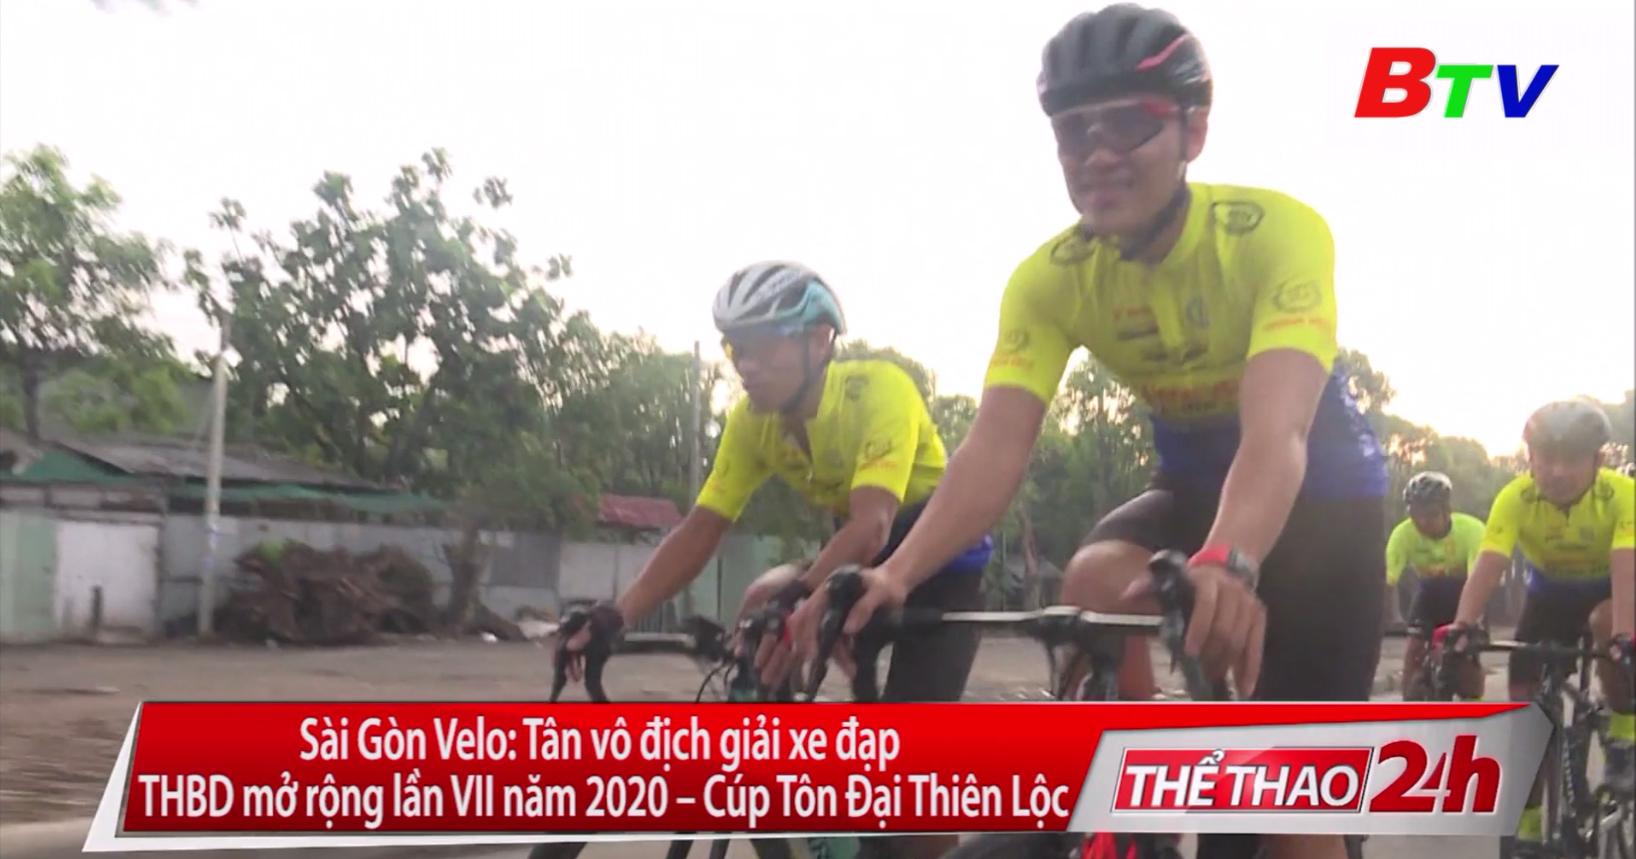 Sài Gòn Velo – Tân vô địch Giải Xe đạp Truyền hình Bình Dương mở rộng lần VII năm 2020 - Cúp Tôn Đại Thiên Lộc